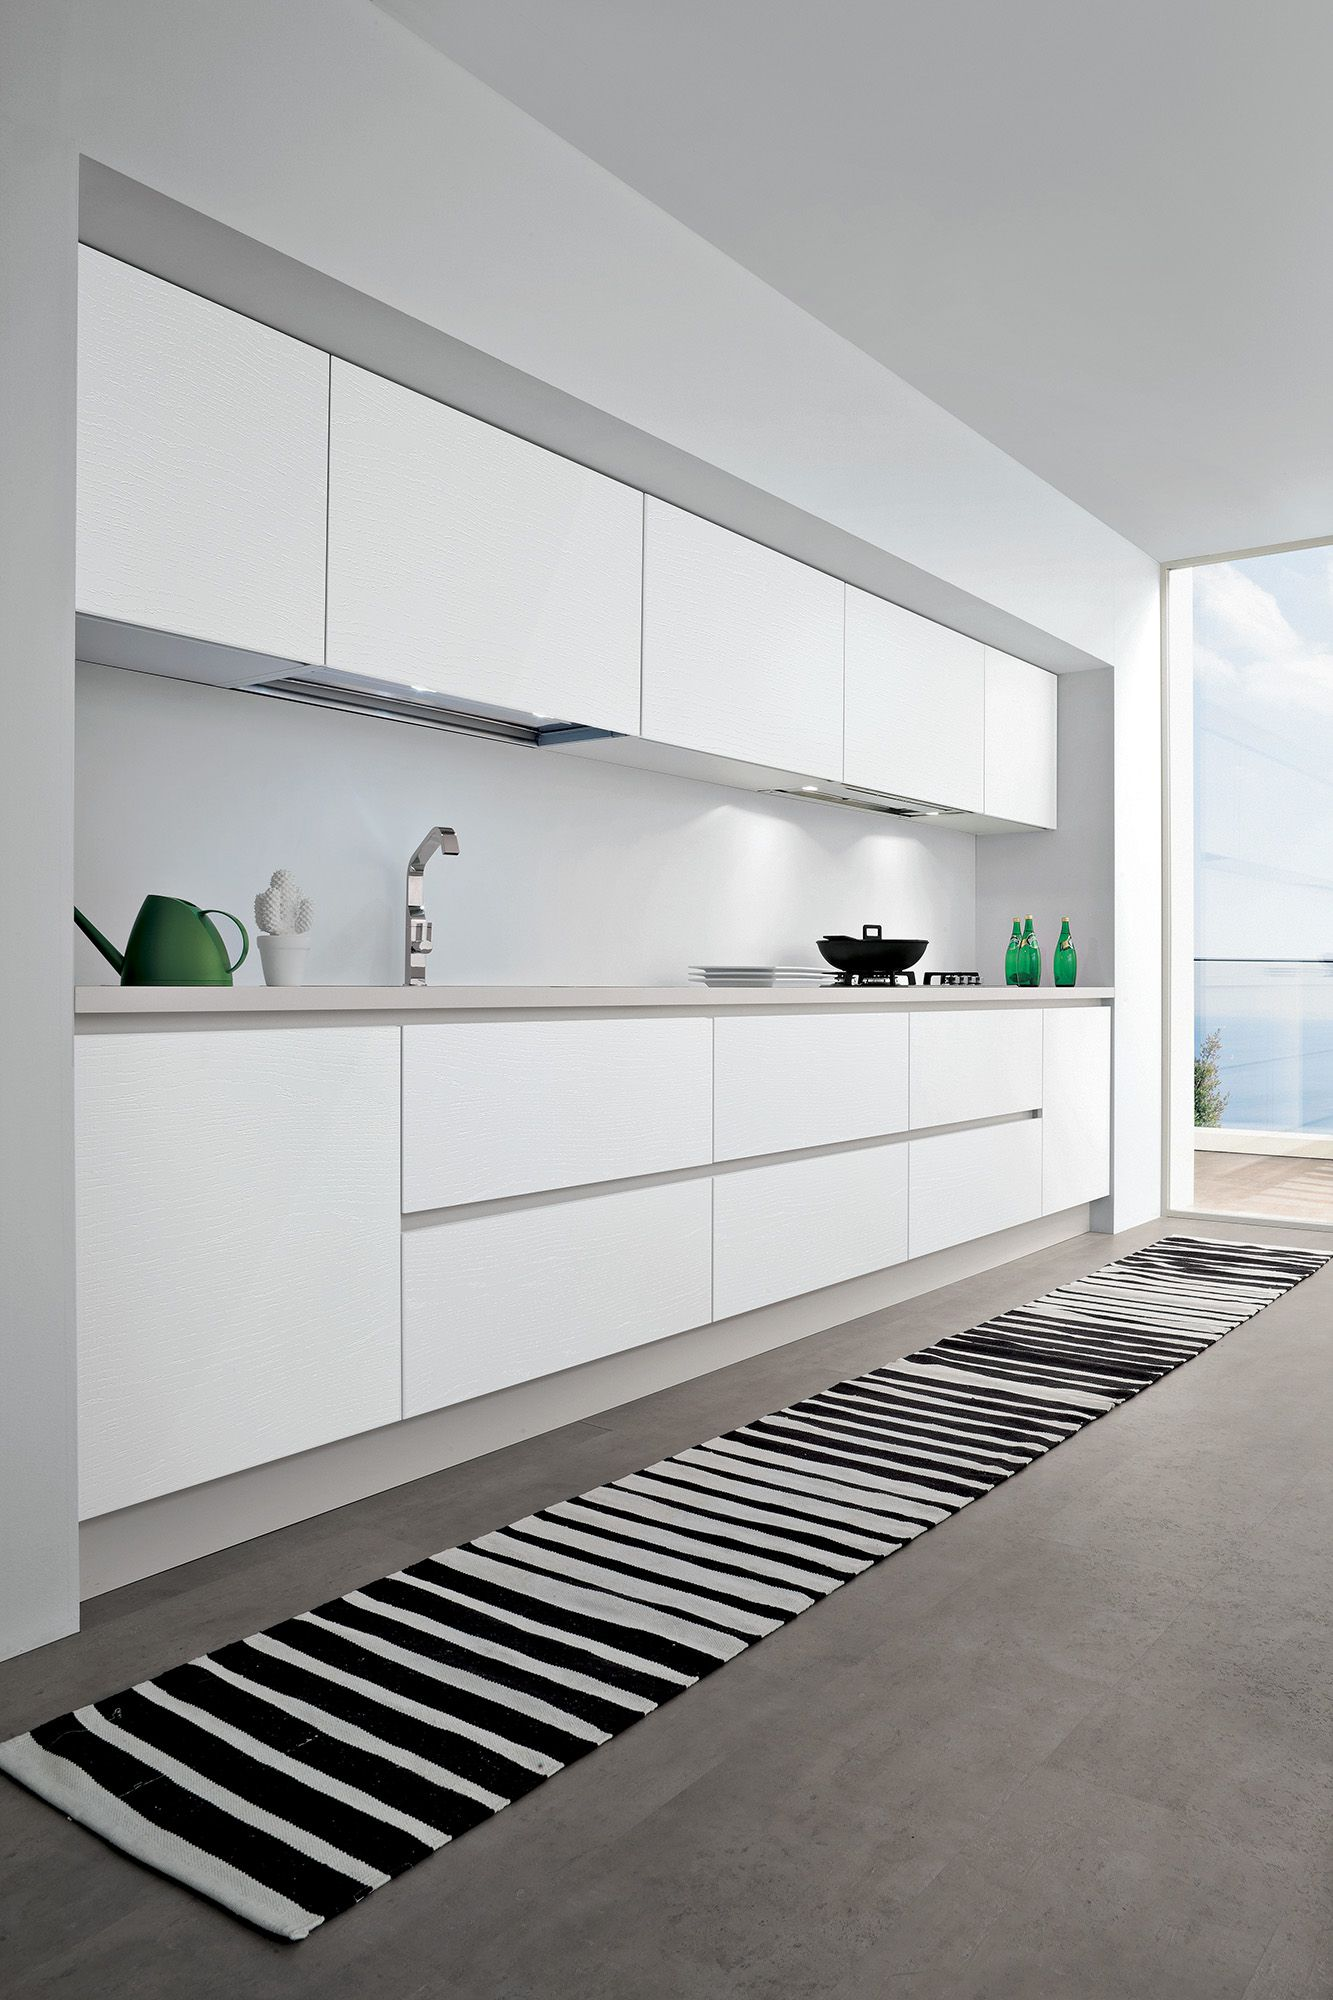 Arrital   cucina di design > Mod. Ak_01   K I T C H E N D E S I G N ...